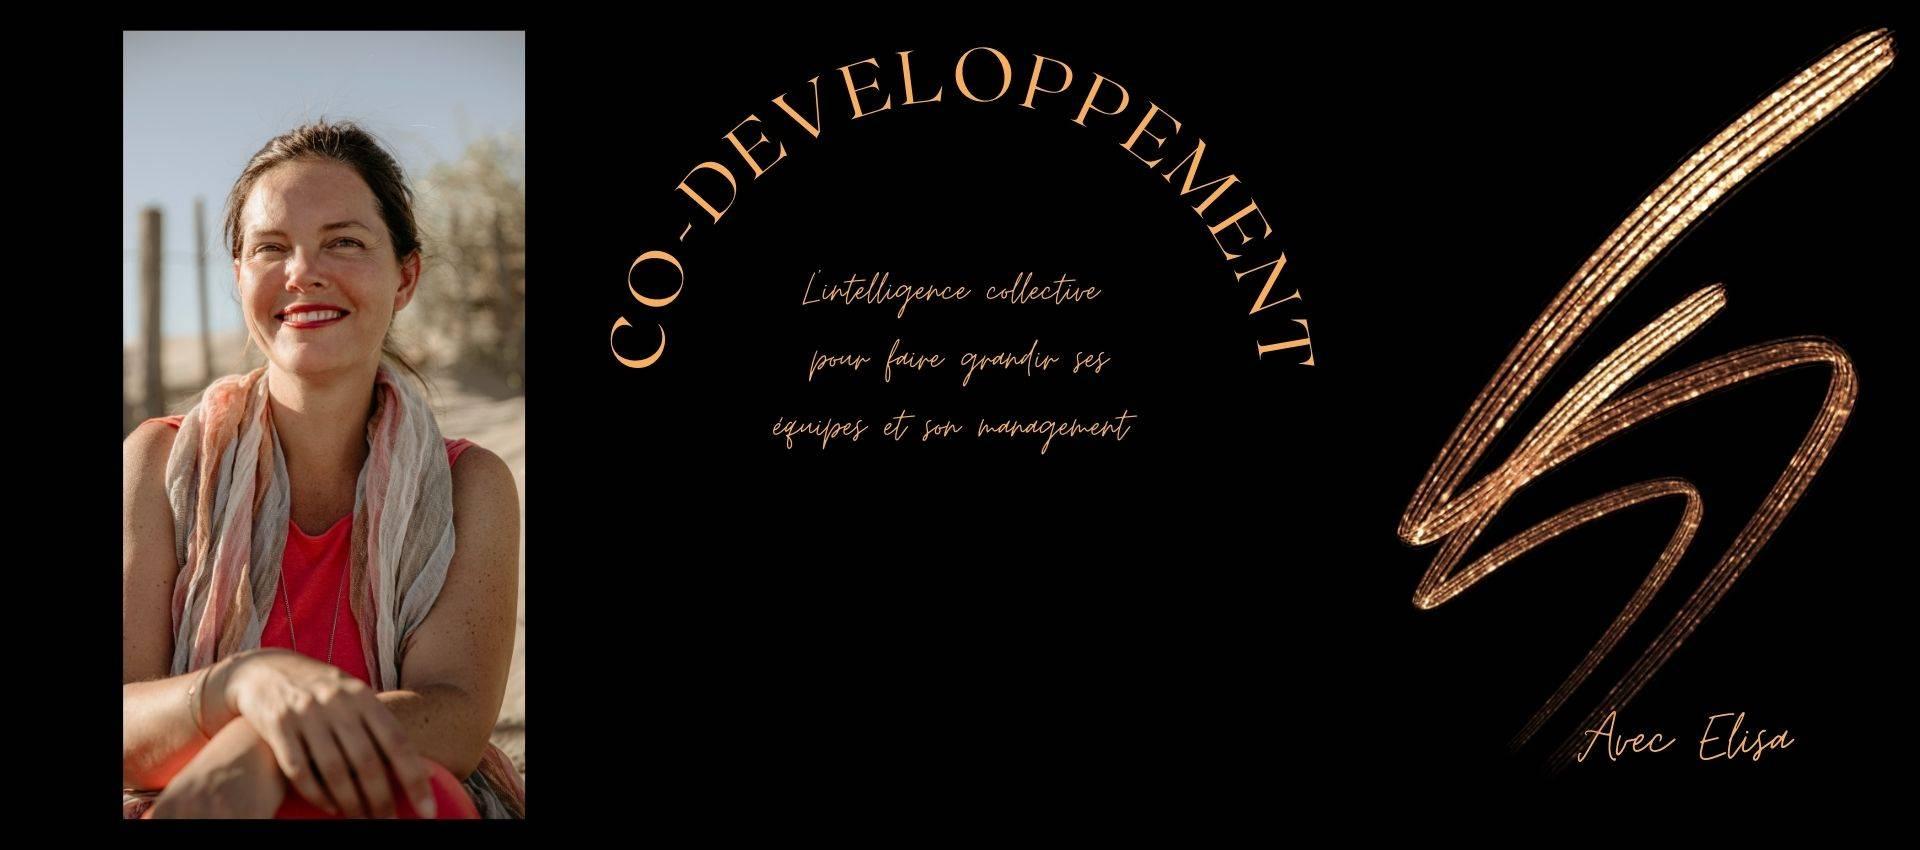 co-développement et formation co-développement